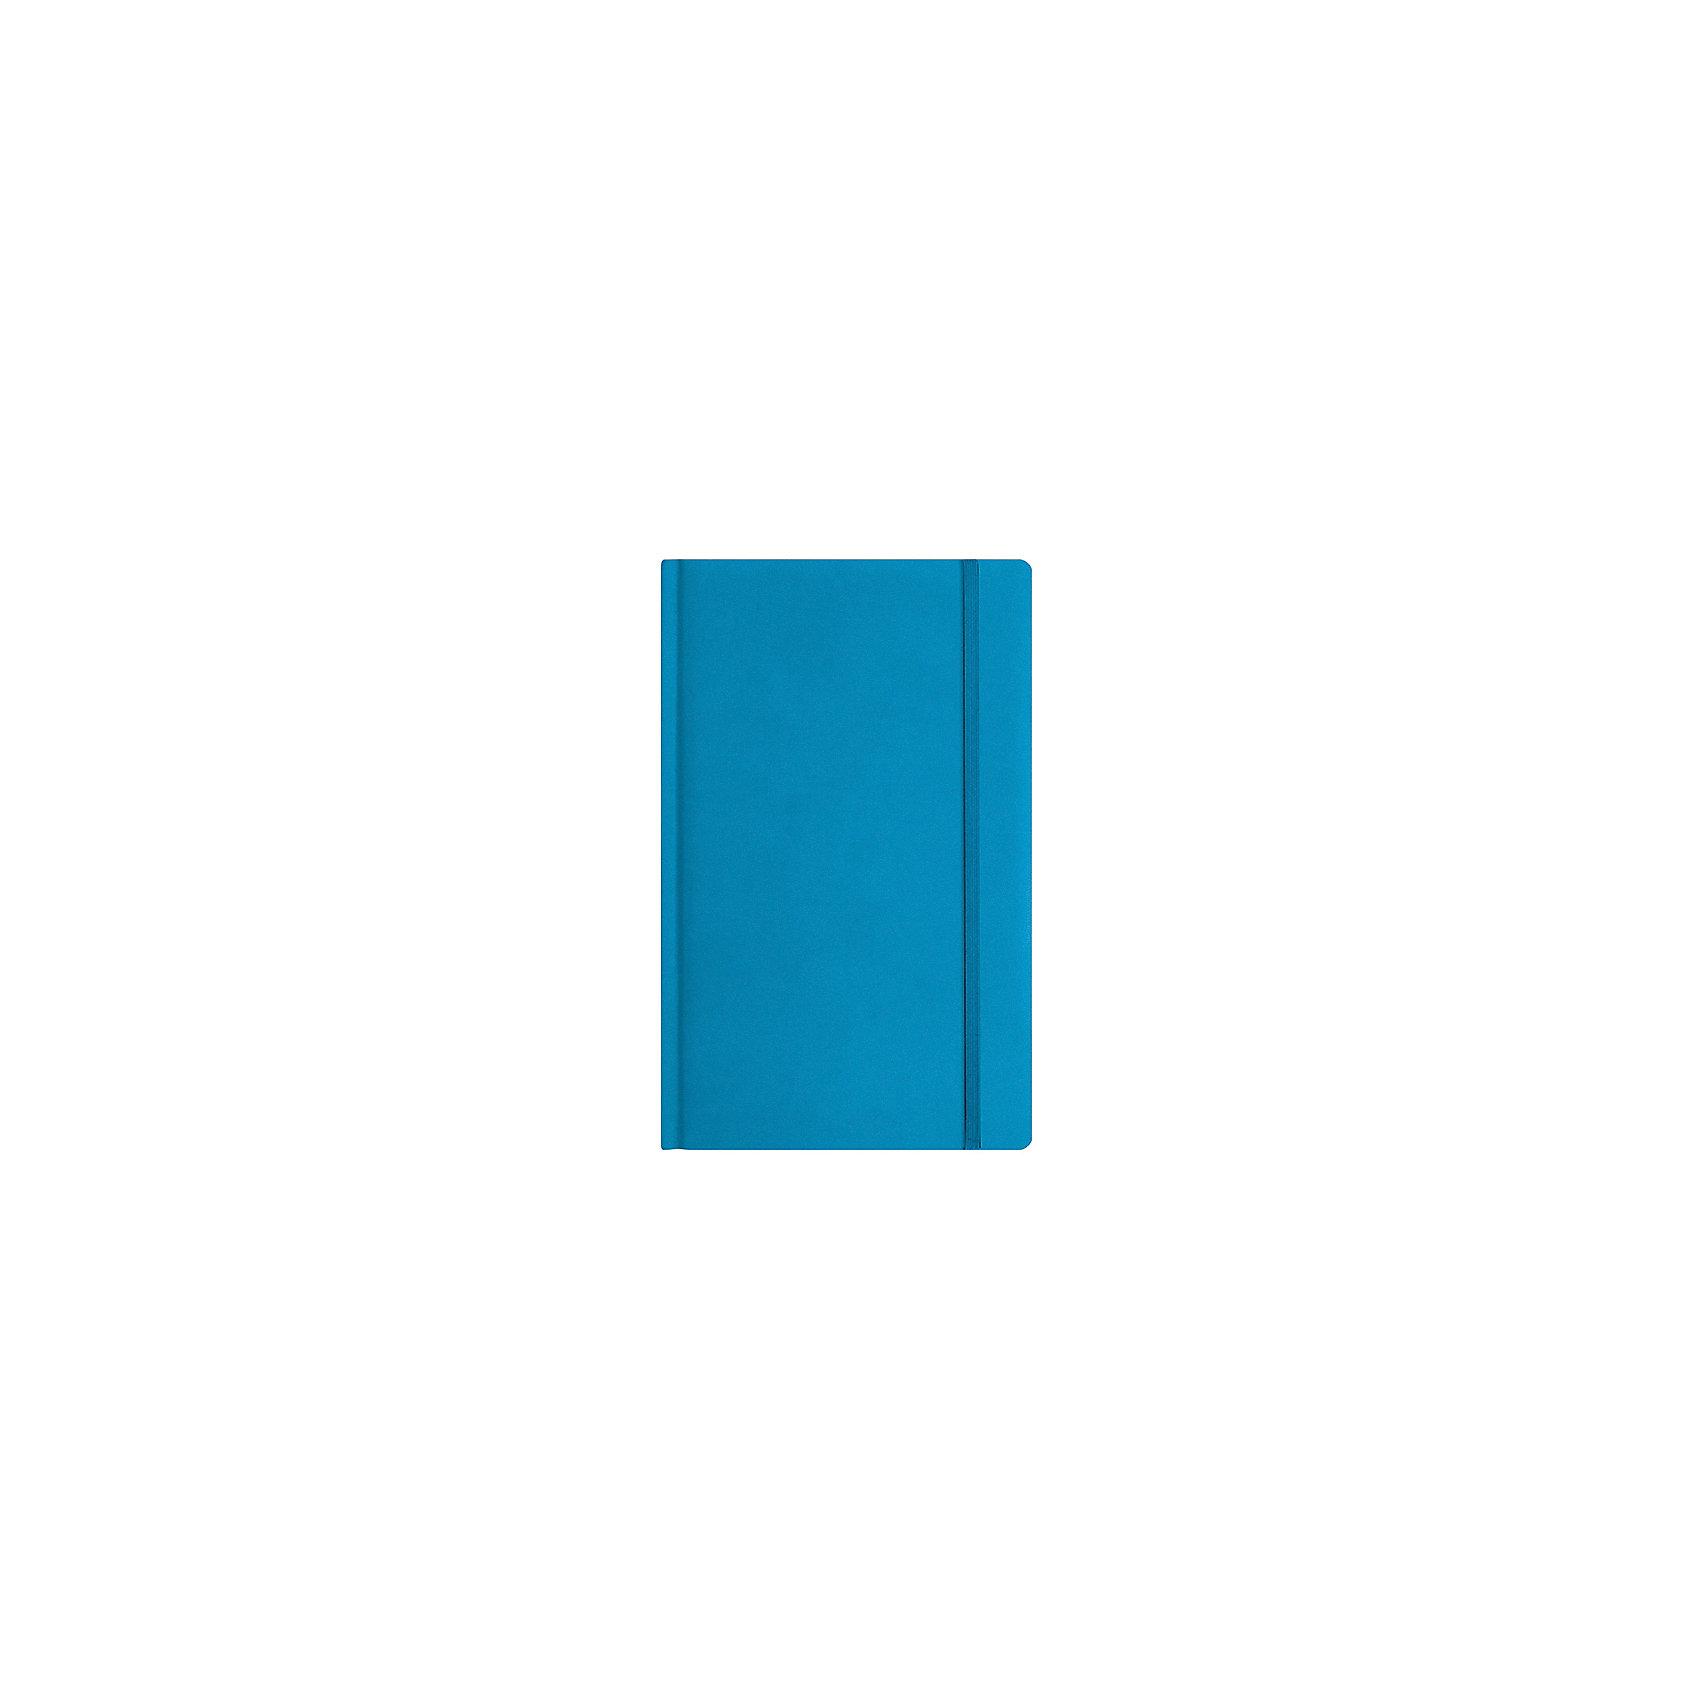 Записная книга, на резинке, 130х210, FESTIVAL, Erich KrauseБумажная продукция<br>Записная книга, на резинке, 130х210, FESTIVAL, Erich Krause.<br><br>Характеристики:<br><br>• Размер: 130x210 мм.<br>• Количество листов: 96<br>• Блок: шитый с капталом, офсет 80 г/м2, линейка<br>• Вклеенная закладка<br>• Обложка: с закругленными углами, фиксирующей резинкой и петлей для ручки<br>• Материал обложки: картон<br>• Цвет: голубой<br><br>Надежная твердая обложка из плотного приятного на ощупь картона сохранит ее в аккуратном состоянии на протяжении всего времени использования. В начале книжки имеется страничка для заполнения личных данных владельца, четыре страницы для заполнения адресов, телефонов и интернет-почты и четыре страницы для заполнения сайтов и ссылок. <br><br>Записную книгу, на резинке, 130х210, FESTIVAL, Erich Krause можно купить в нашем интернет-магазине.<br><br>Ширина мм: 130<br>Глубина мм: 210<br>Высота мм: 150<br>Вес г: 315<br>Возраст от месяцев: 204<br>Возраст до месяцев: 2147483647<br>Пол: Унисекс<br>Возраст: Детский<br>SKU: 5543313